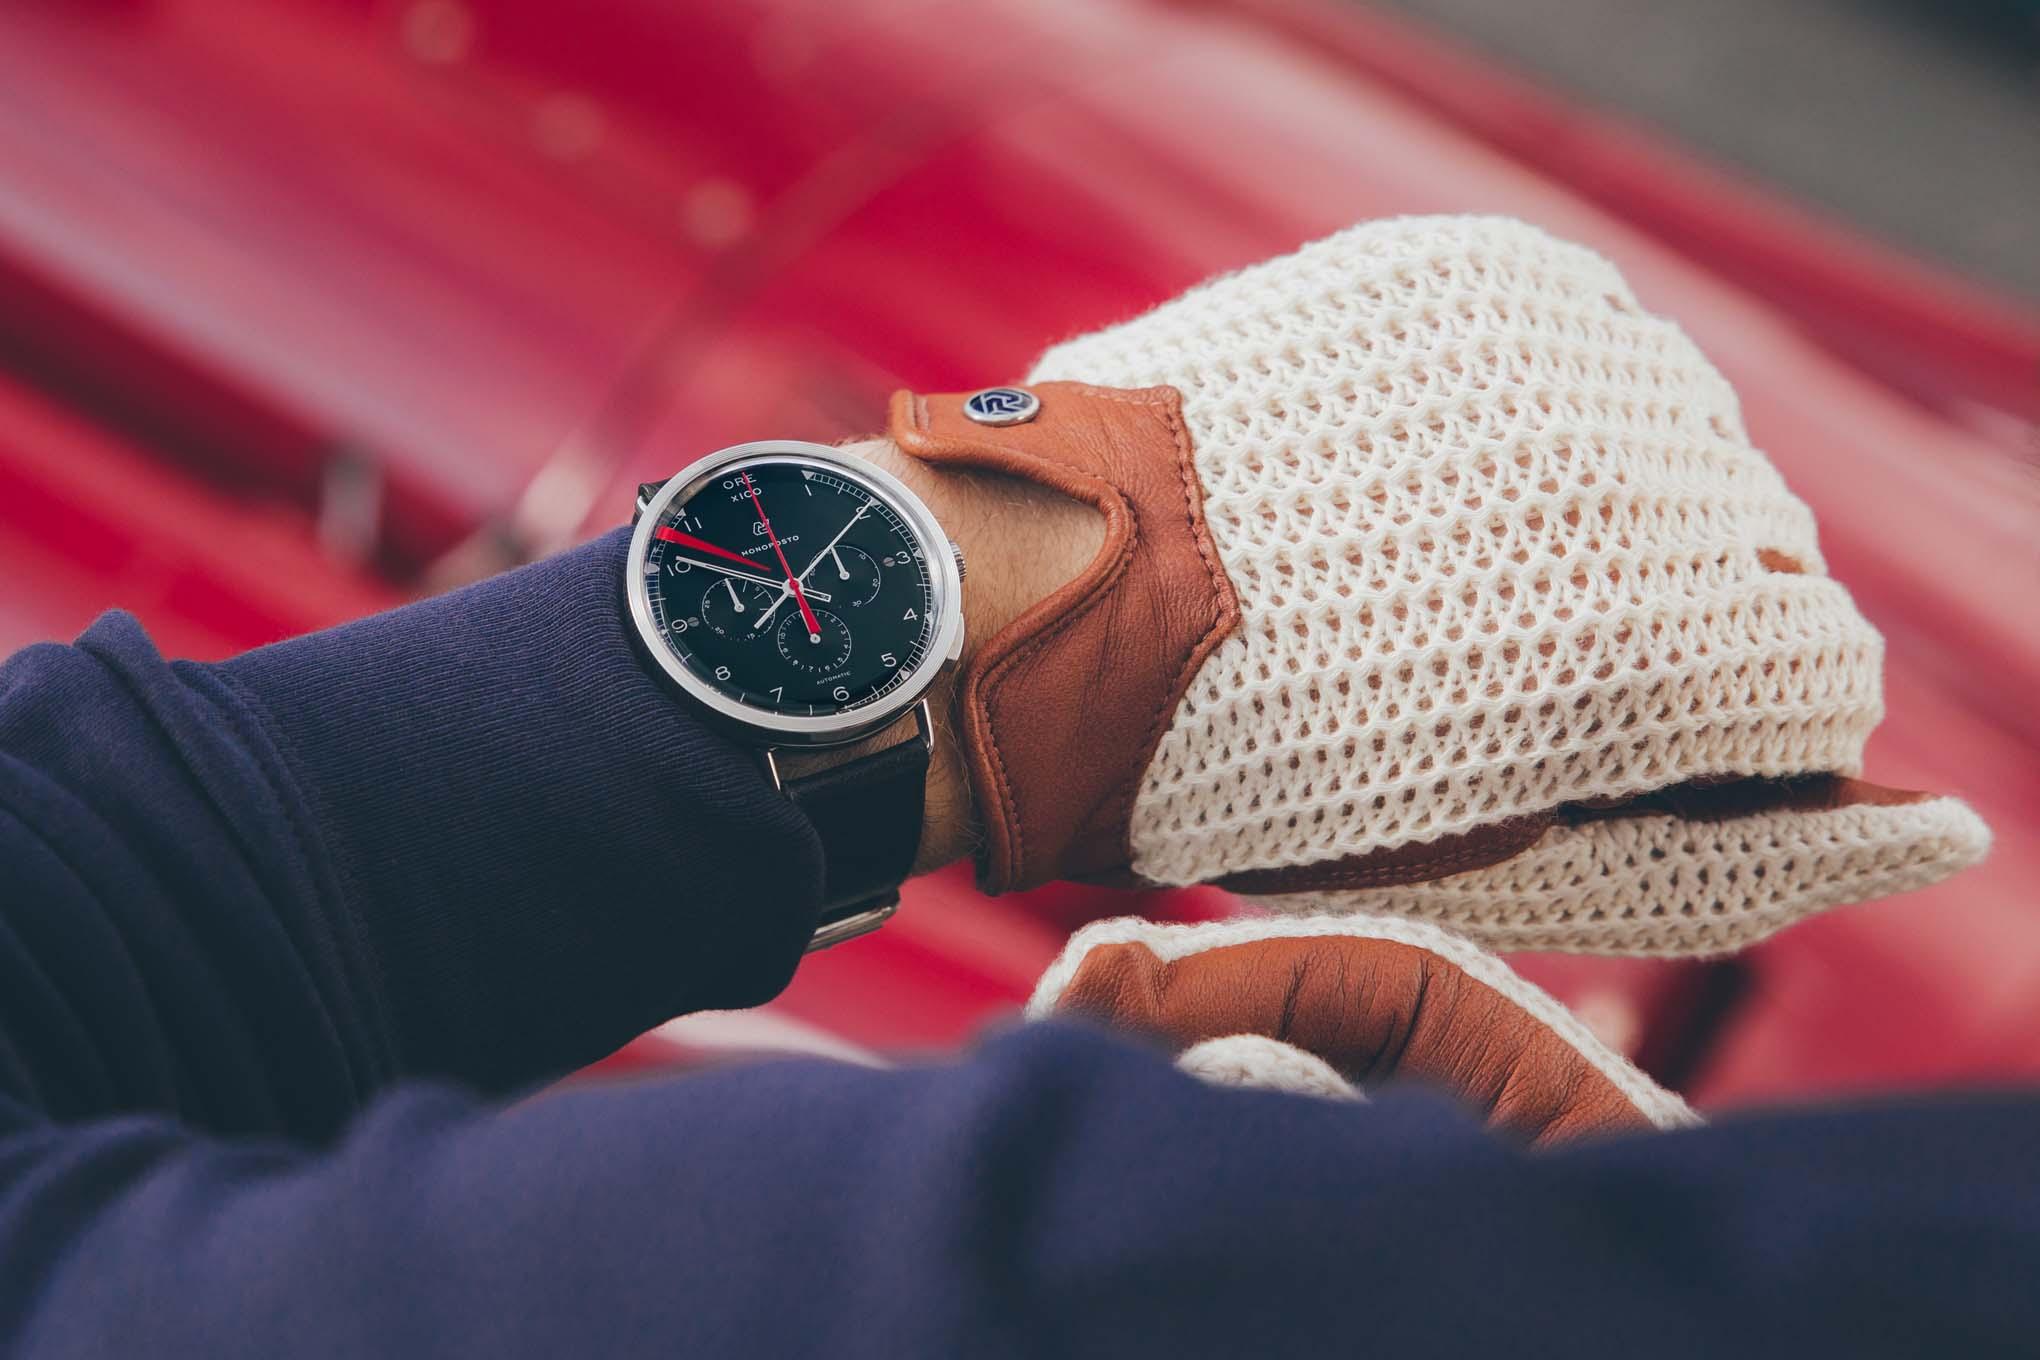 Autodromo Monoposto Chronograph Lifetyle 01